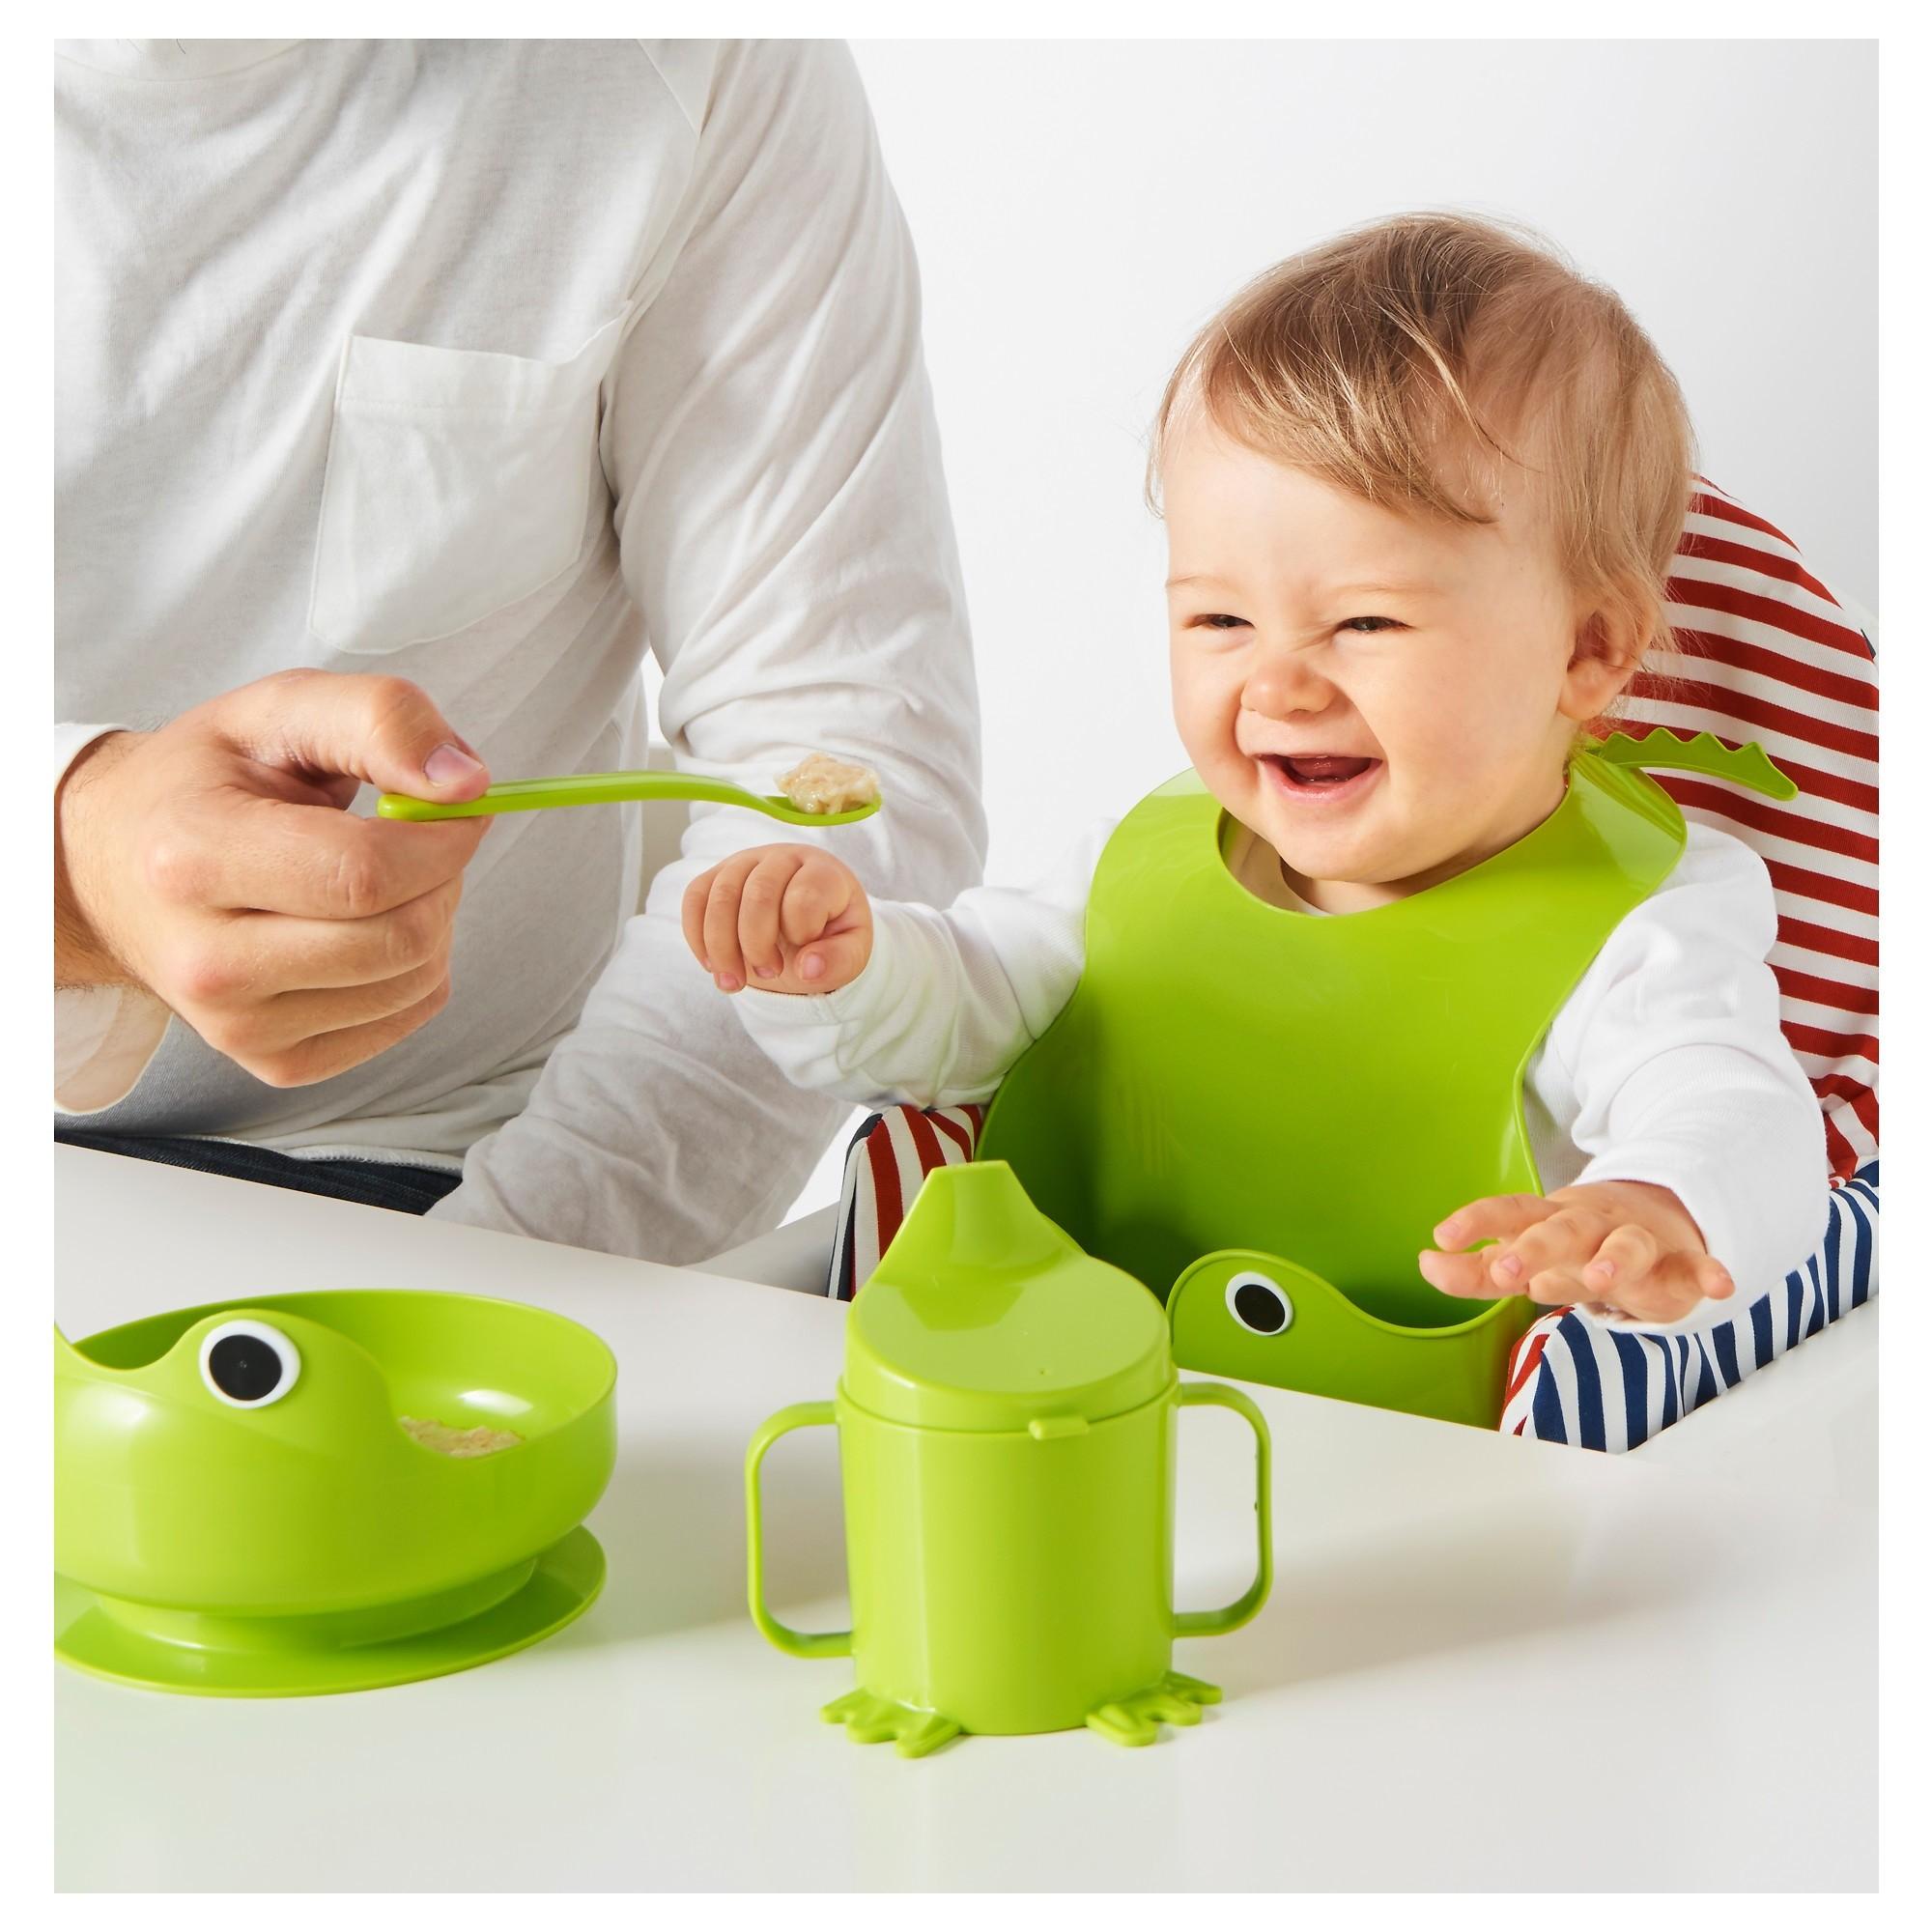 Качественная посуда для детей